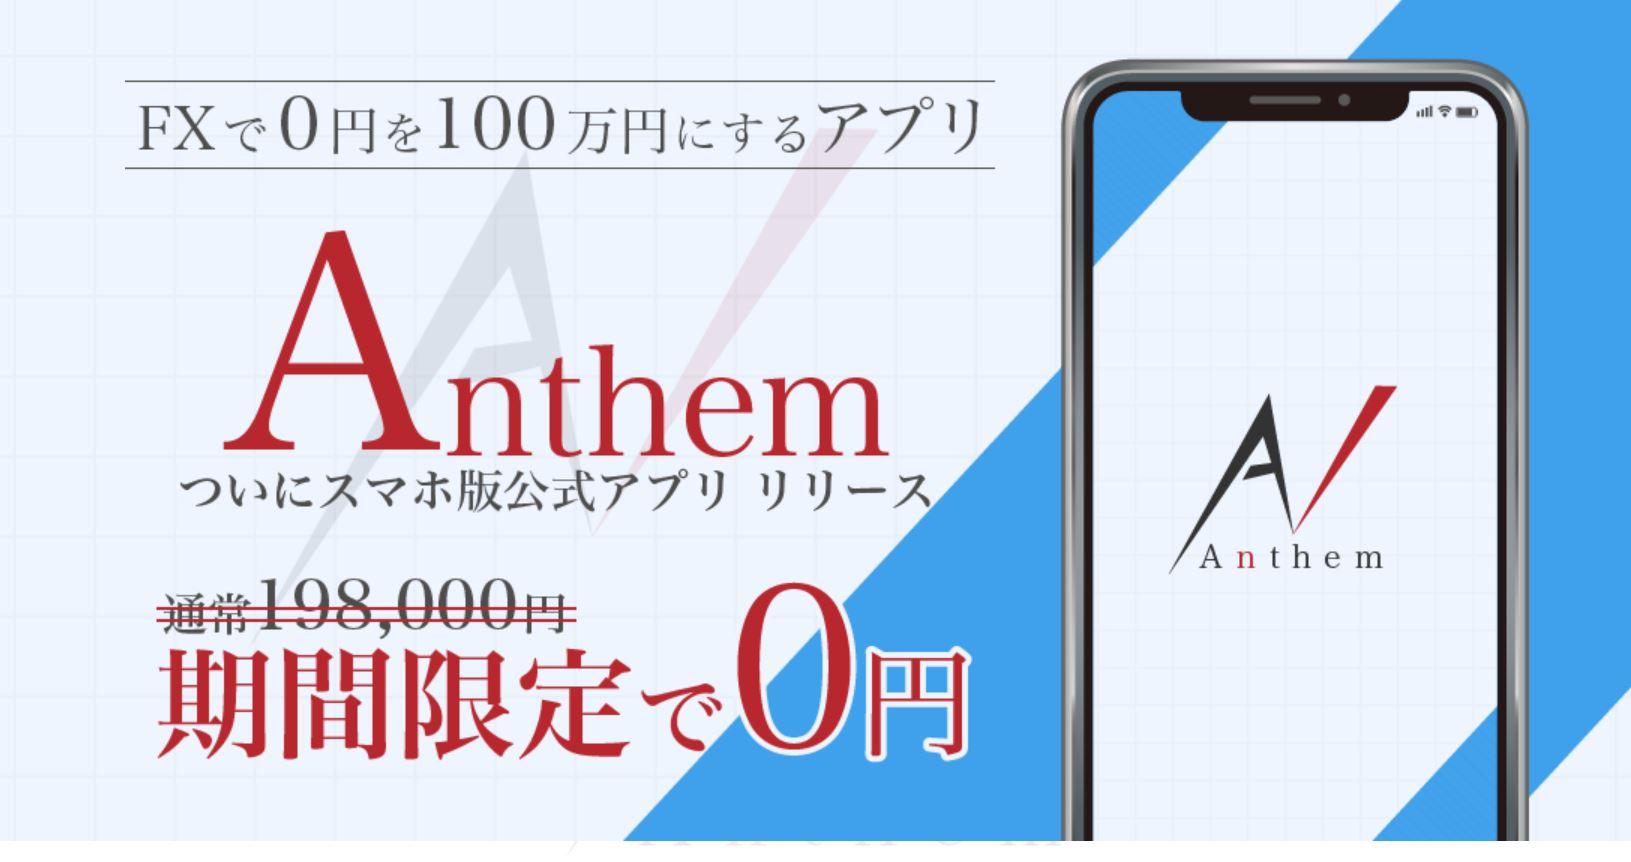 FXで0円を100万円にするアプリ Anthme(アンセム)は稼げない?副業詐欺調査